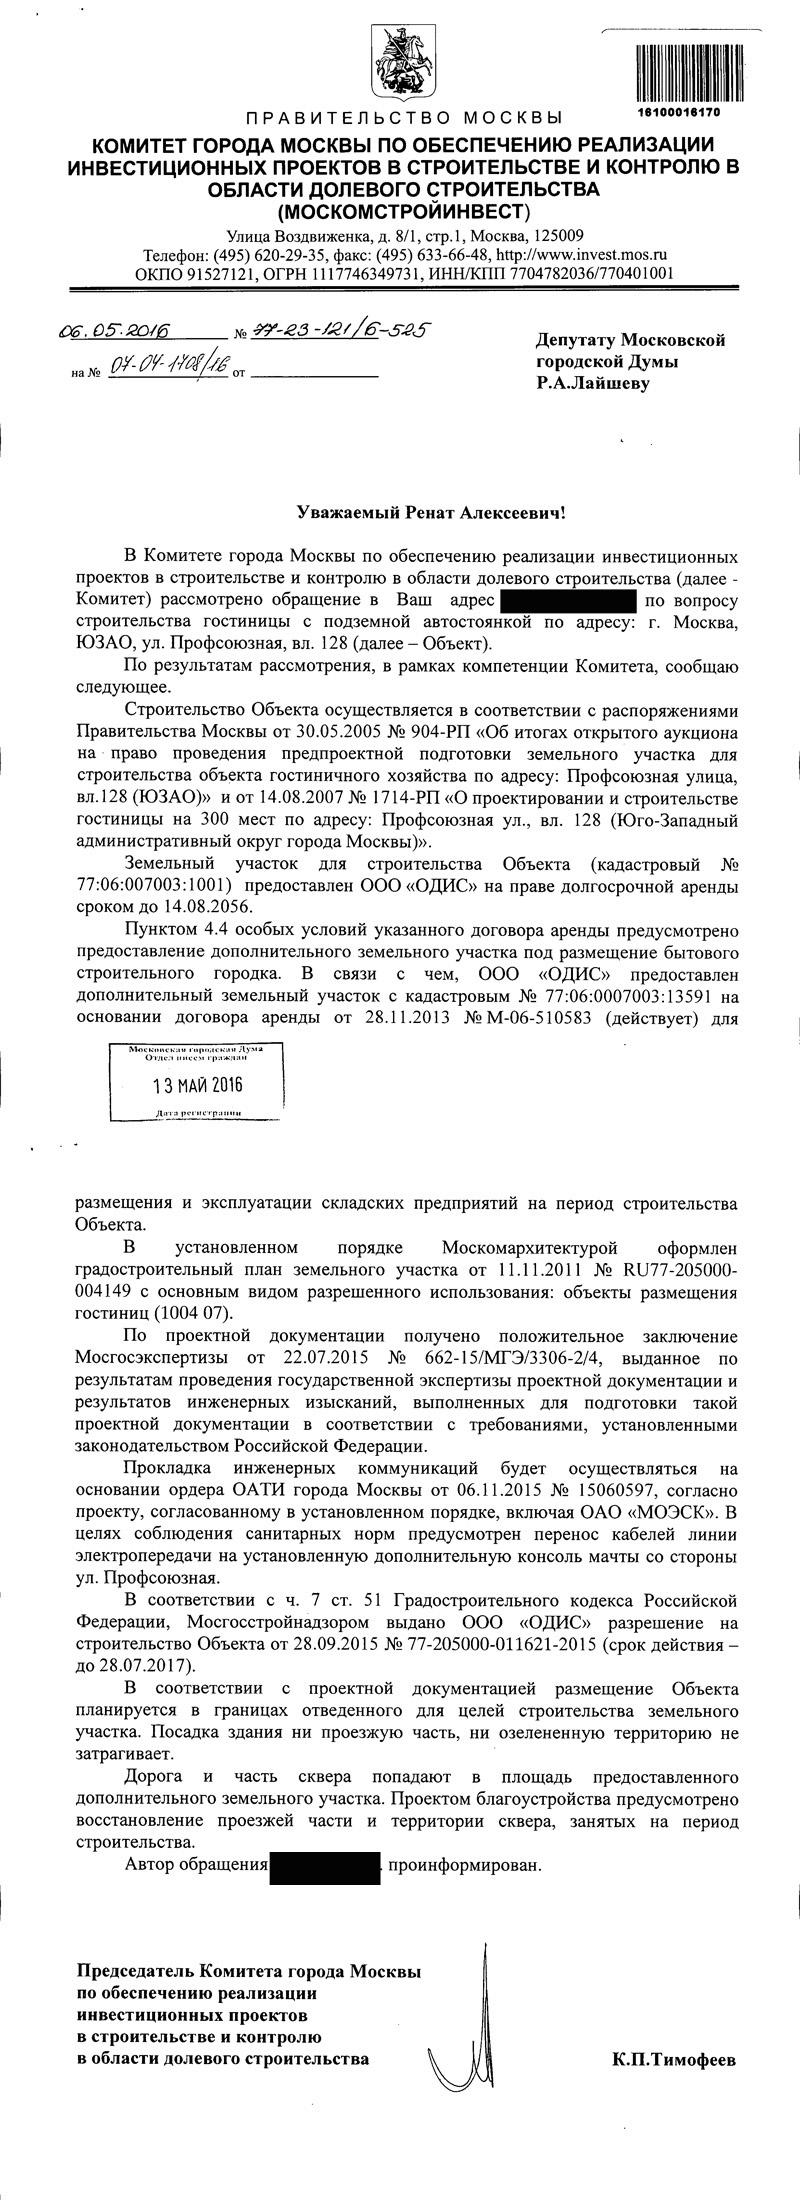 Справка 070 у Большая Черёмушкинская улица Выписка из истории болезни Щёлковское шоссе